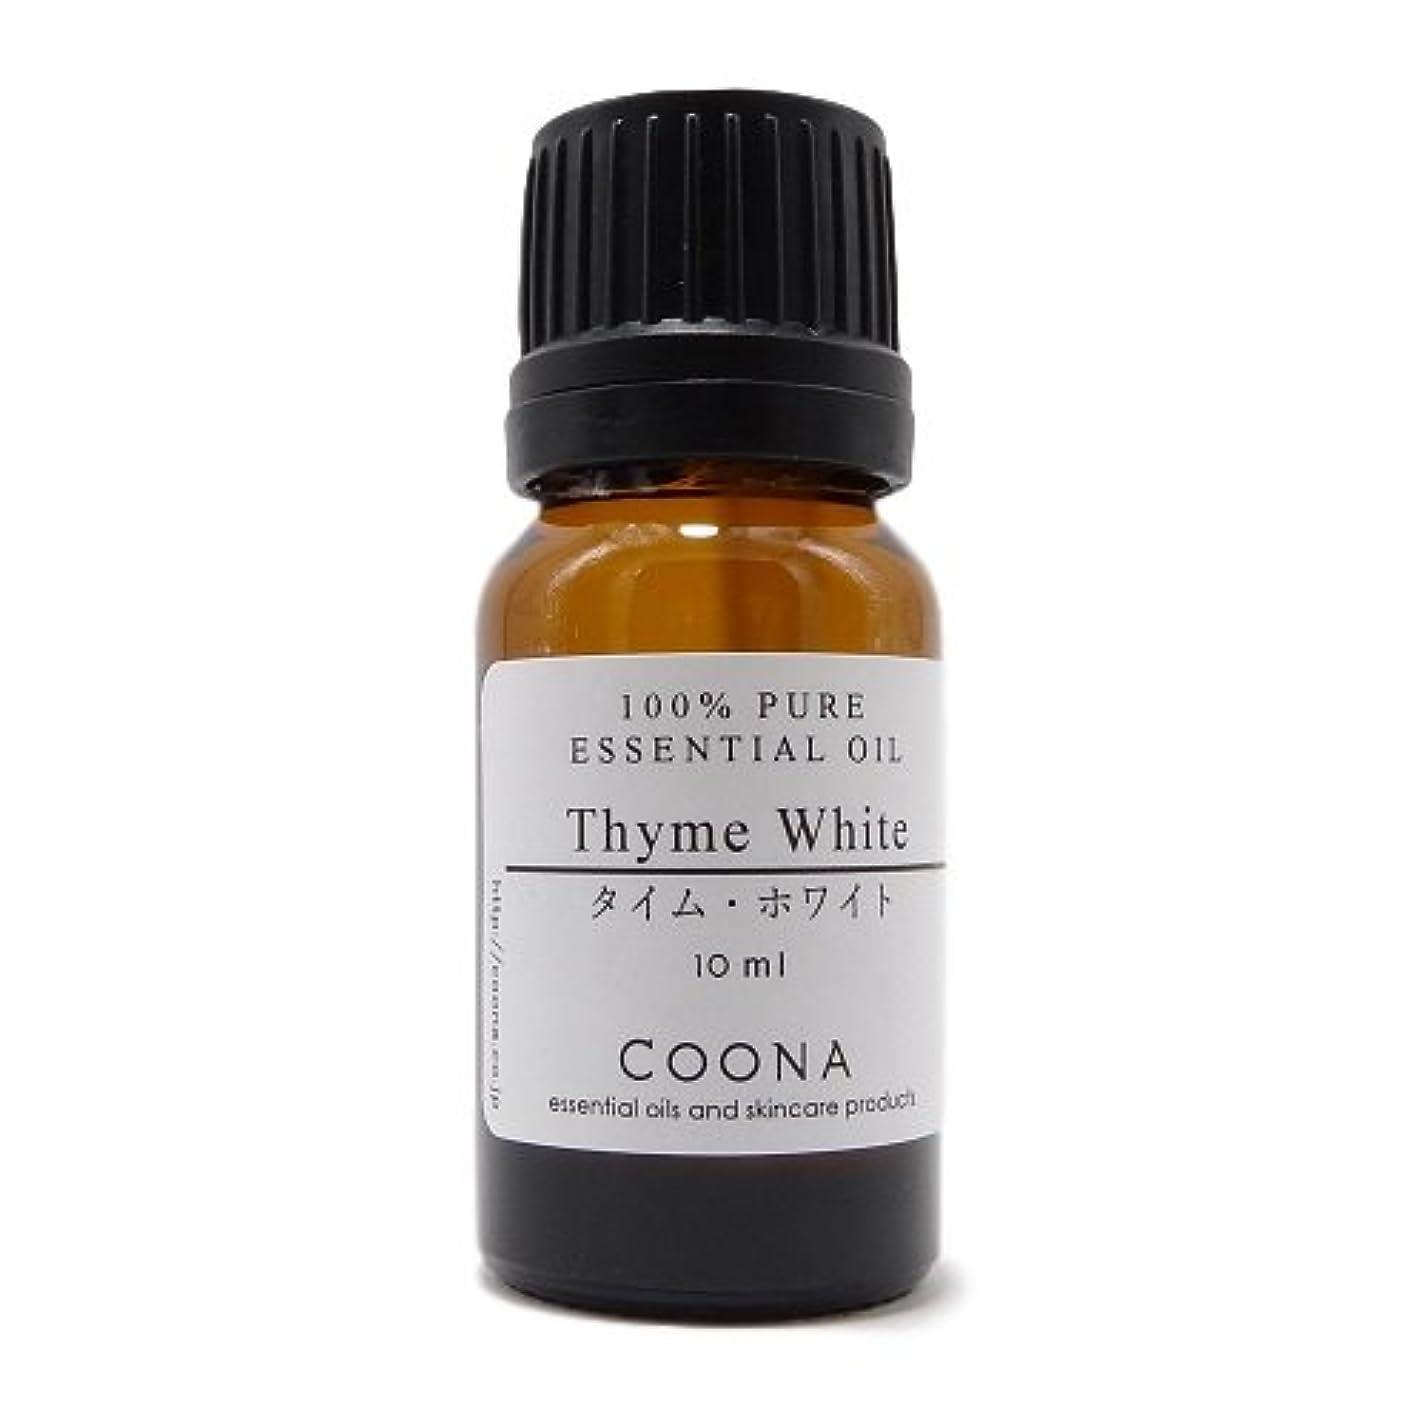 タイム ホワイト 10 ml (COONA エッセンシャルオイル アロマオイル 100%天然植物精油)